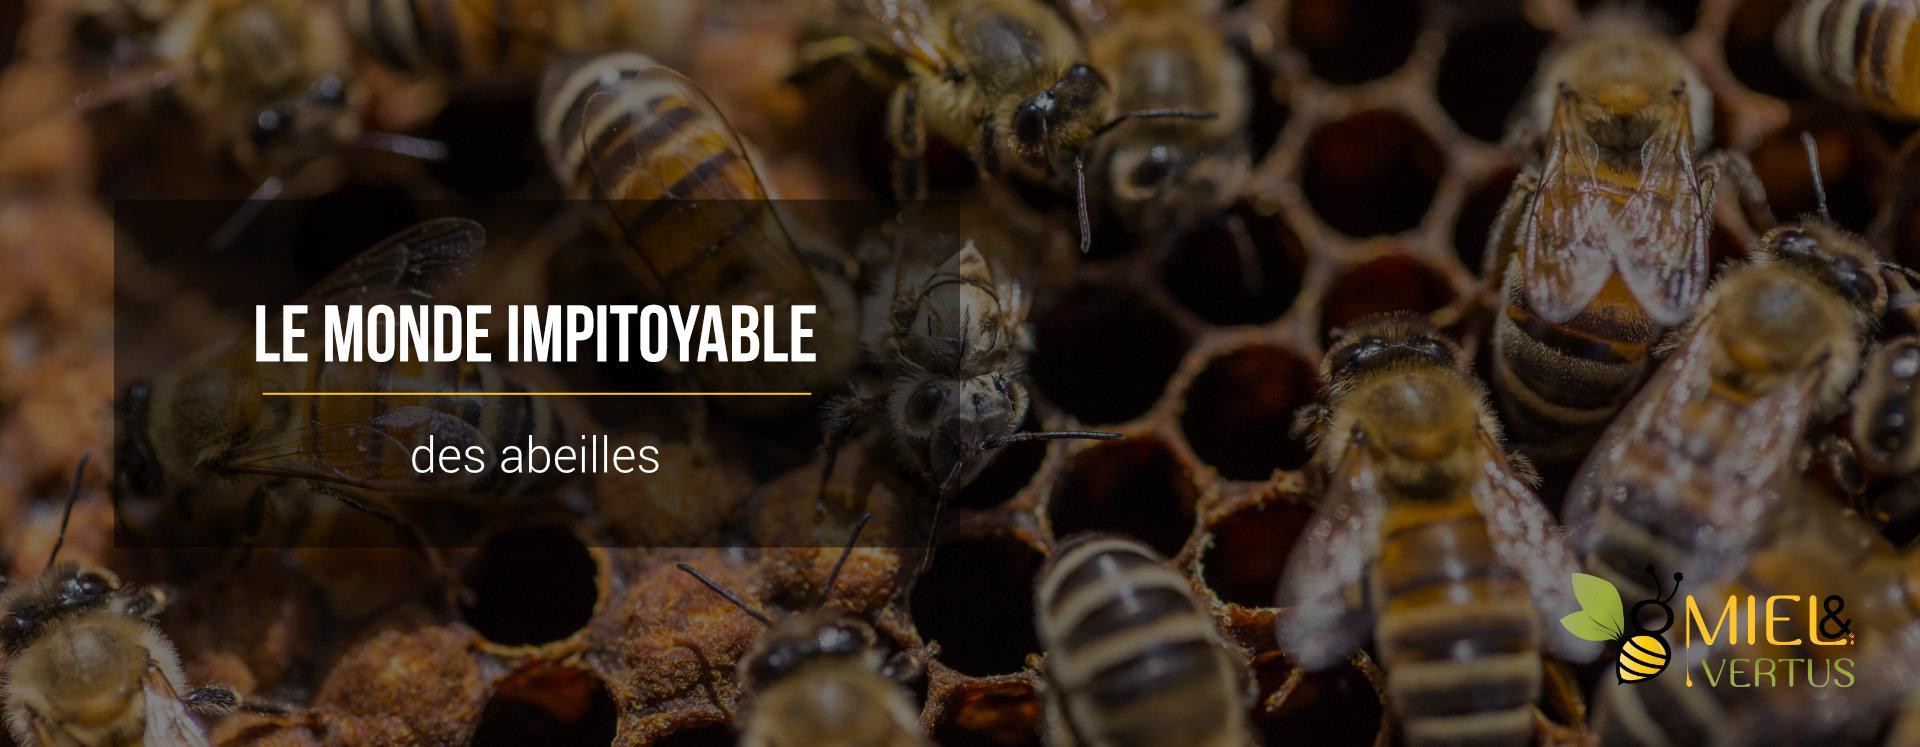 monde-impitoyable-abeilles